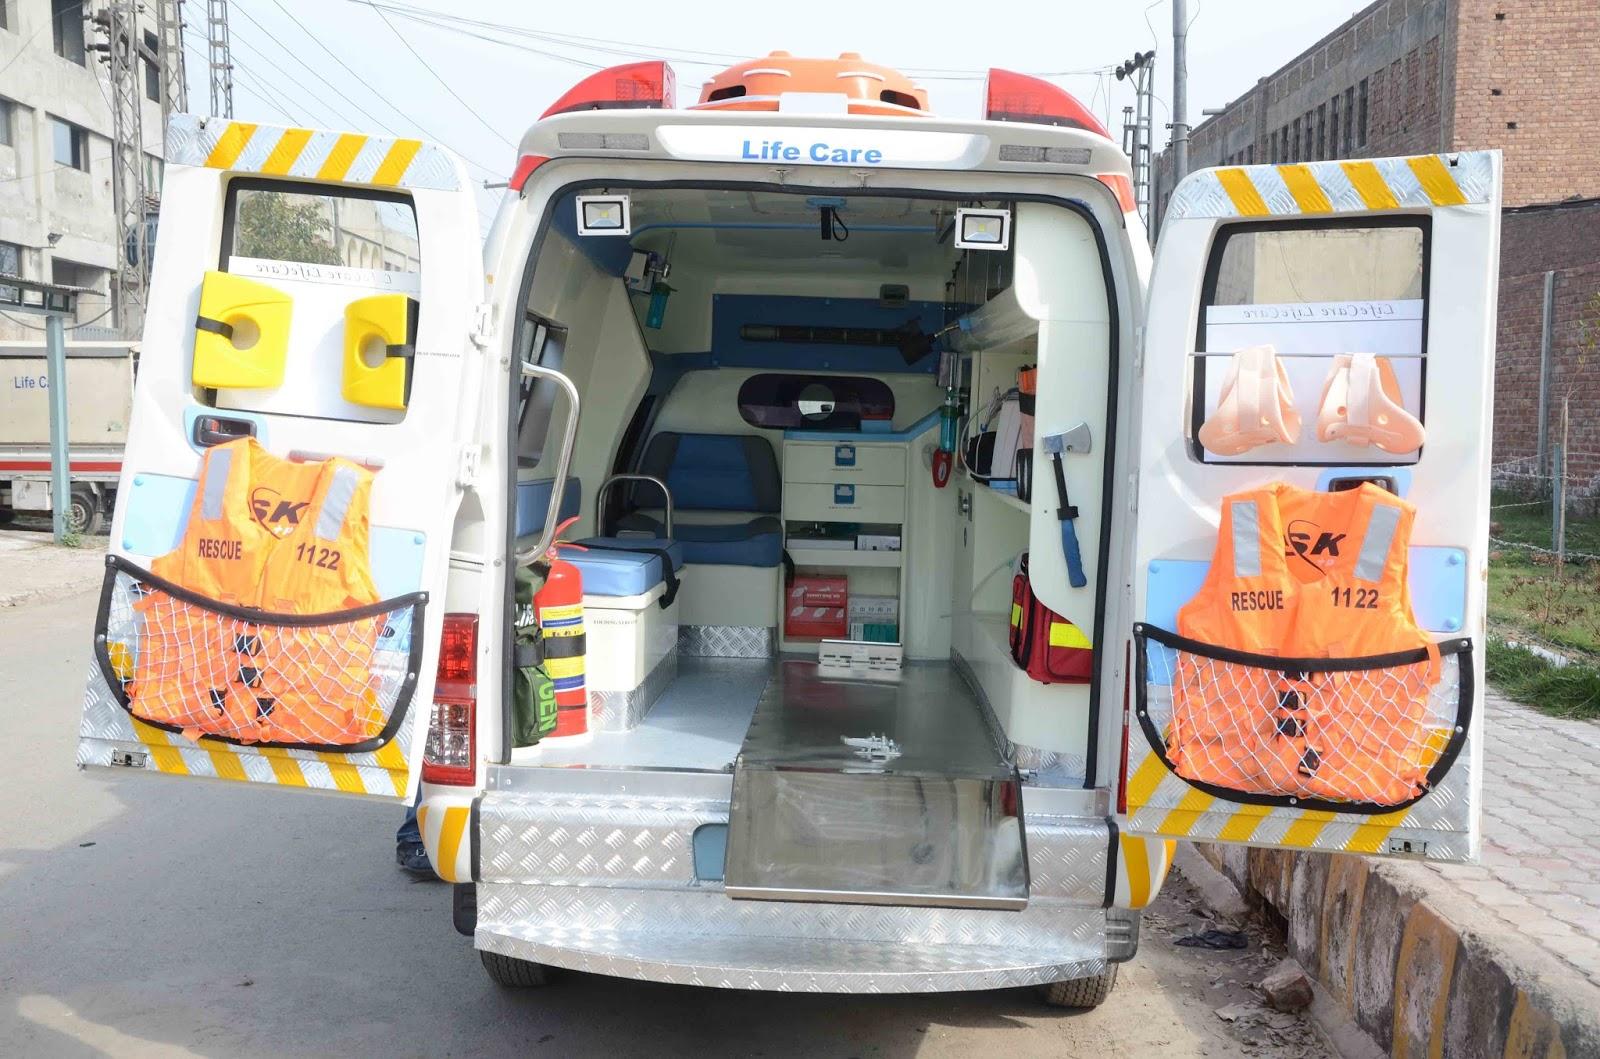 Ahmad Medix (Life Care): Ambulance UAE